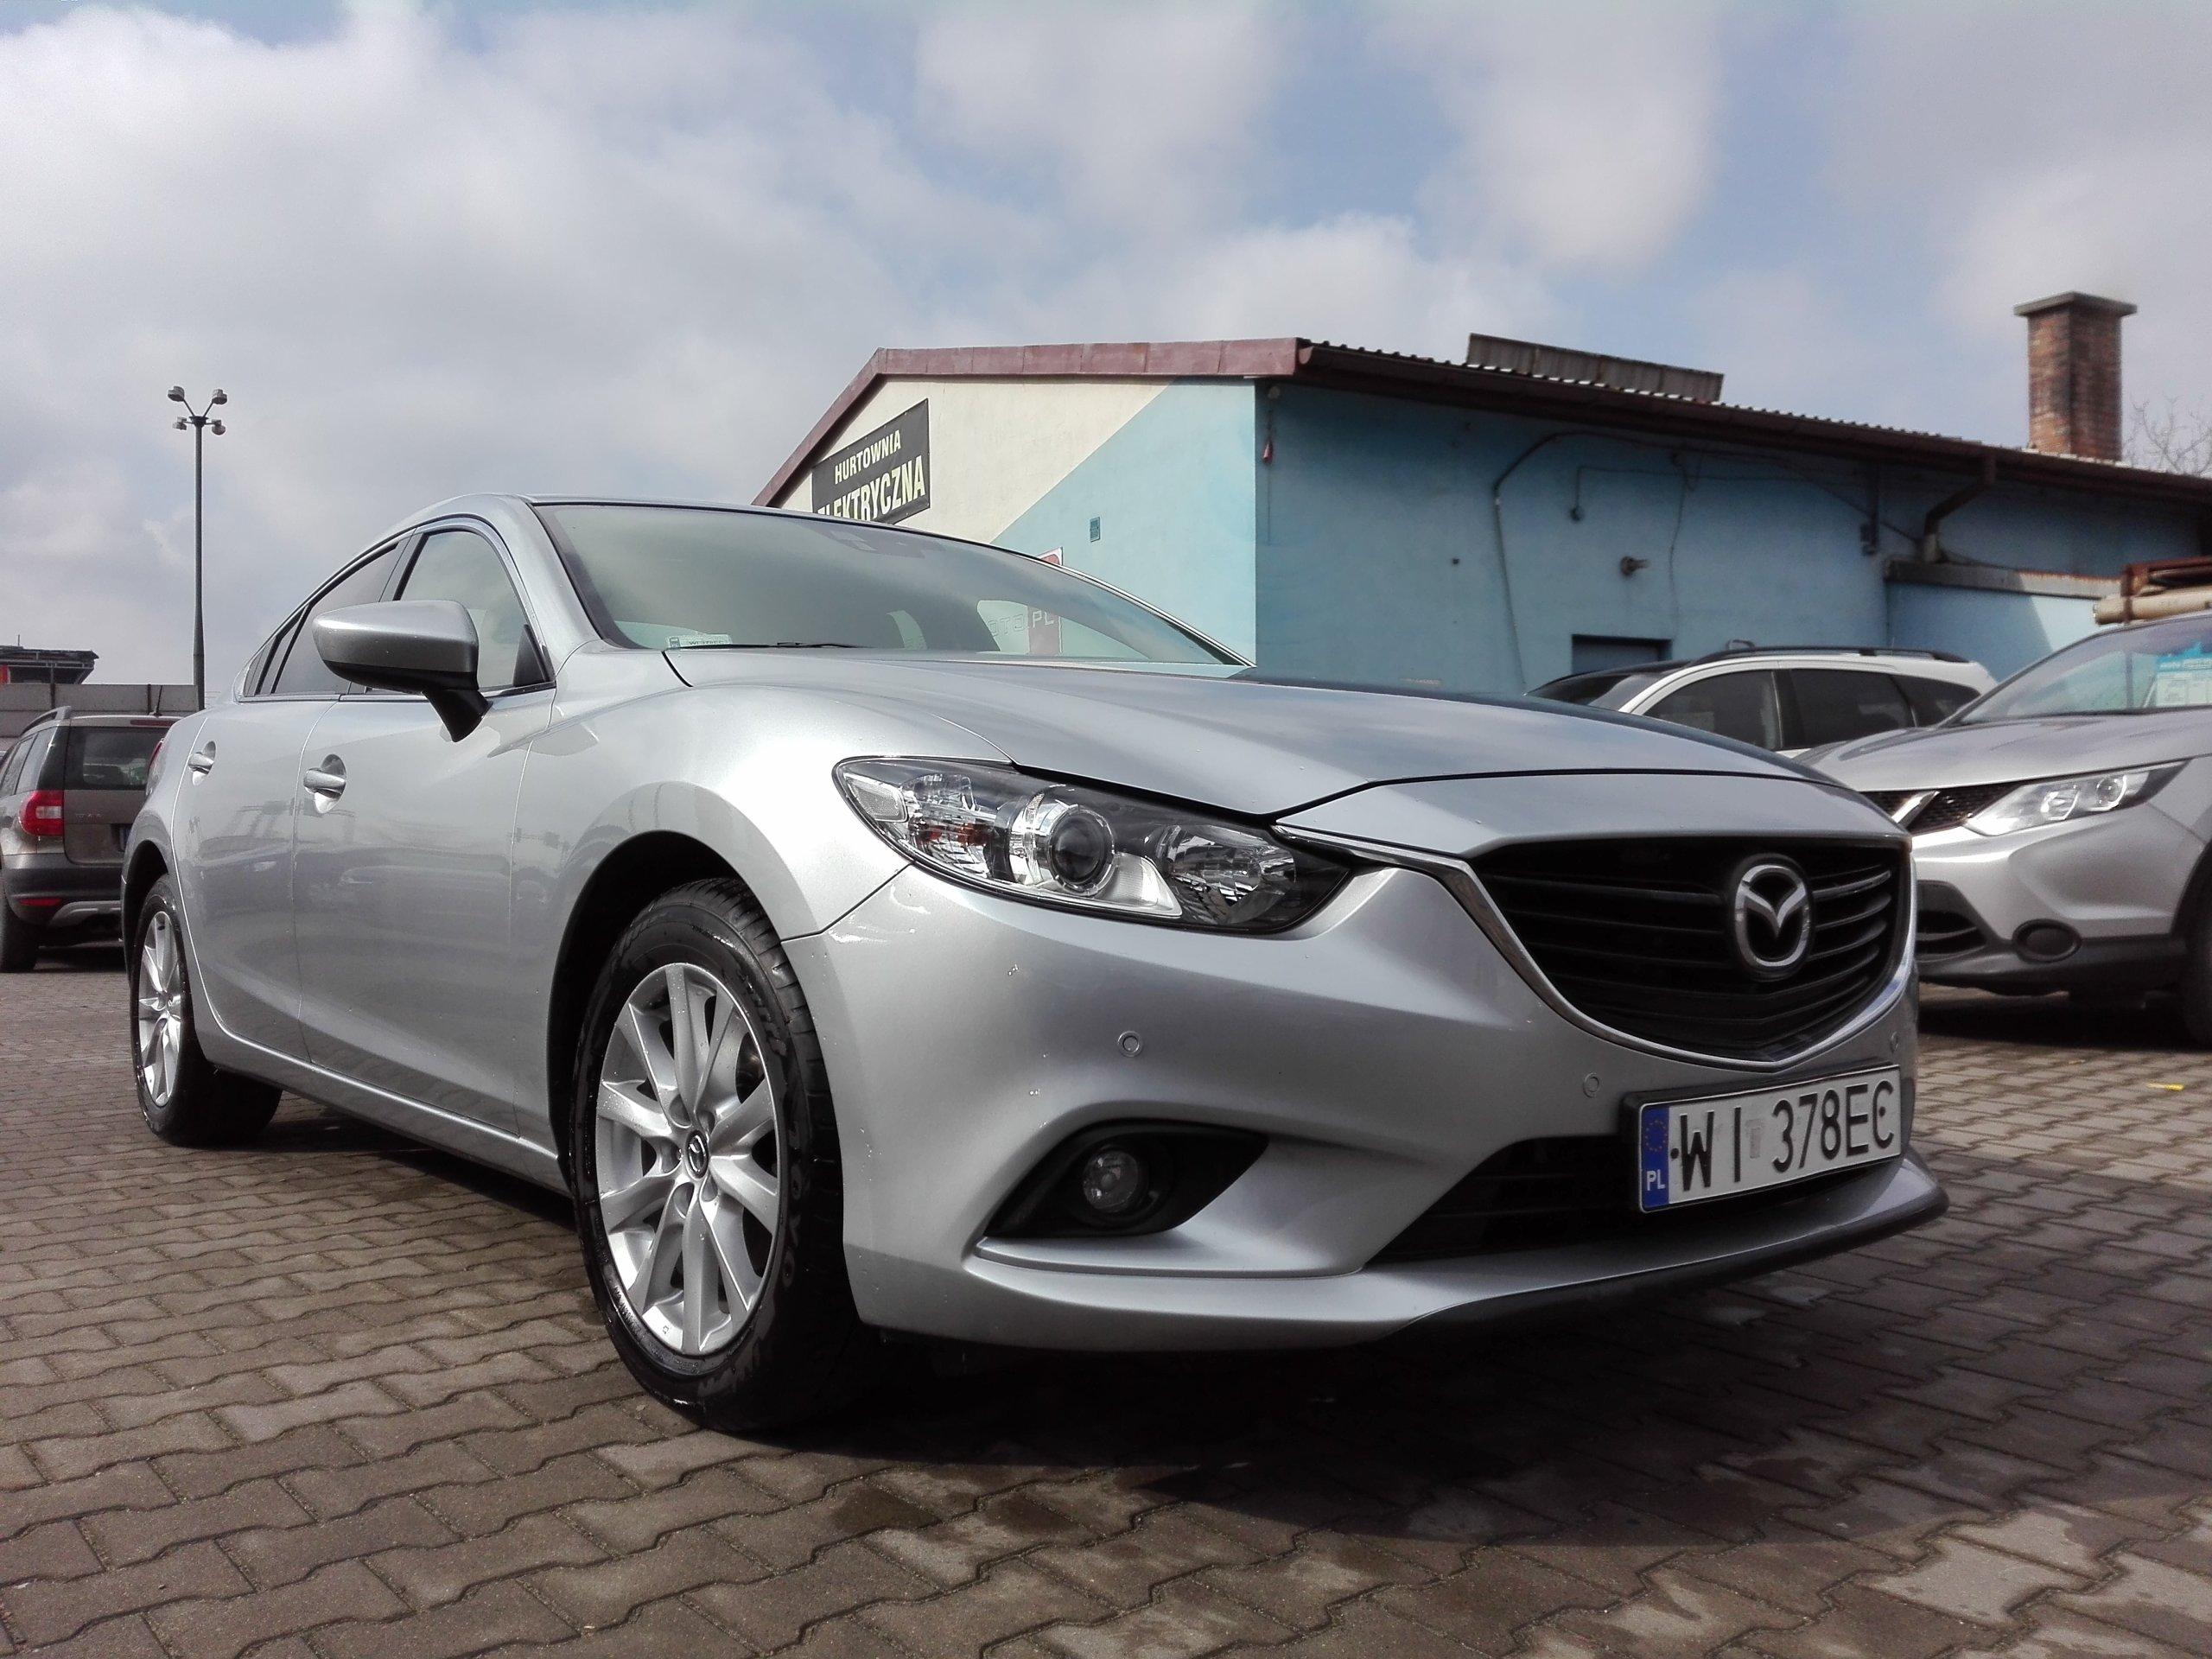 Mazda 6 Salon Polska,Serwis w ASO,Bezwypadkowa.